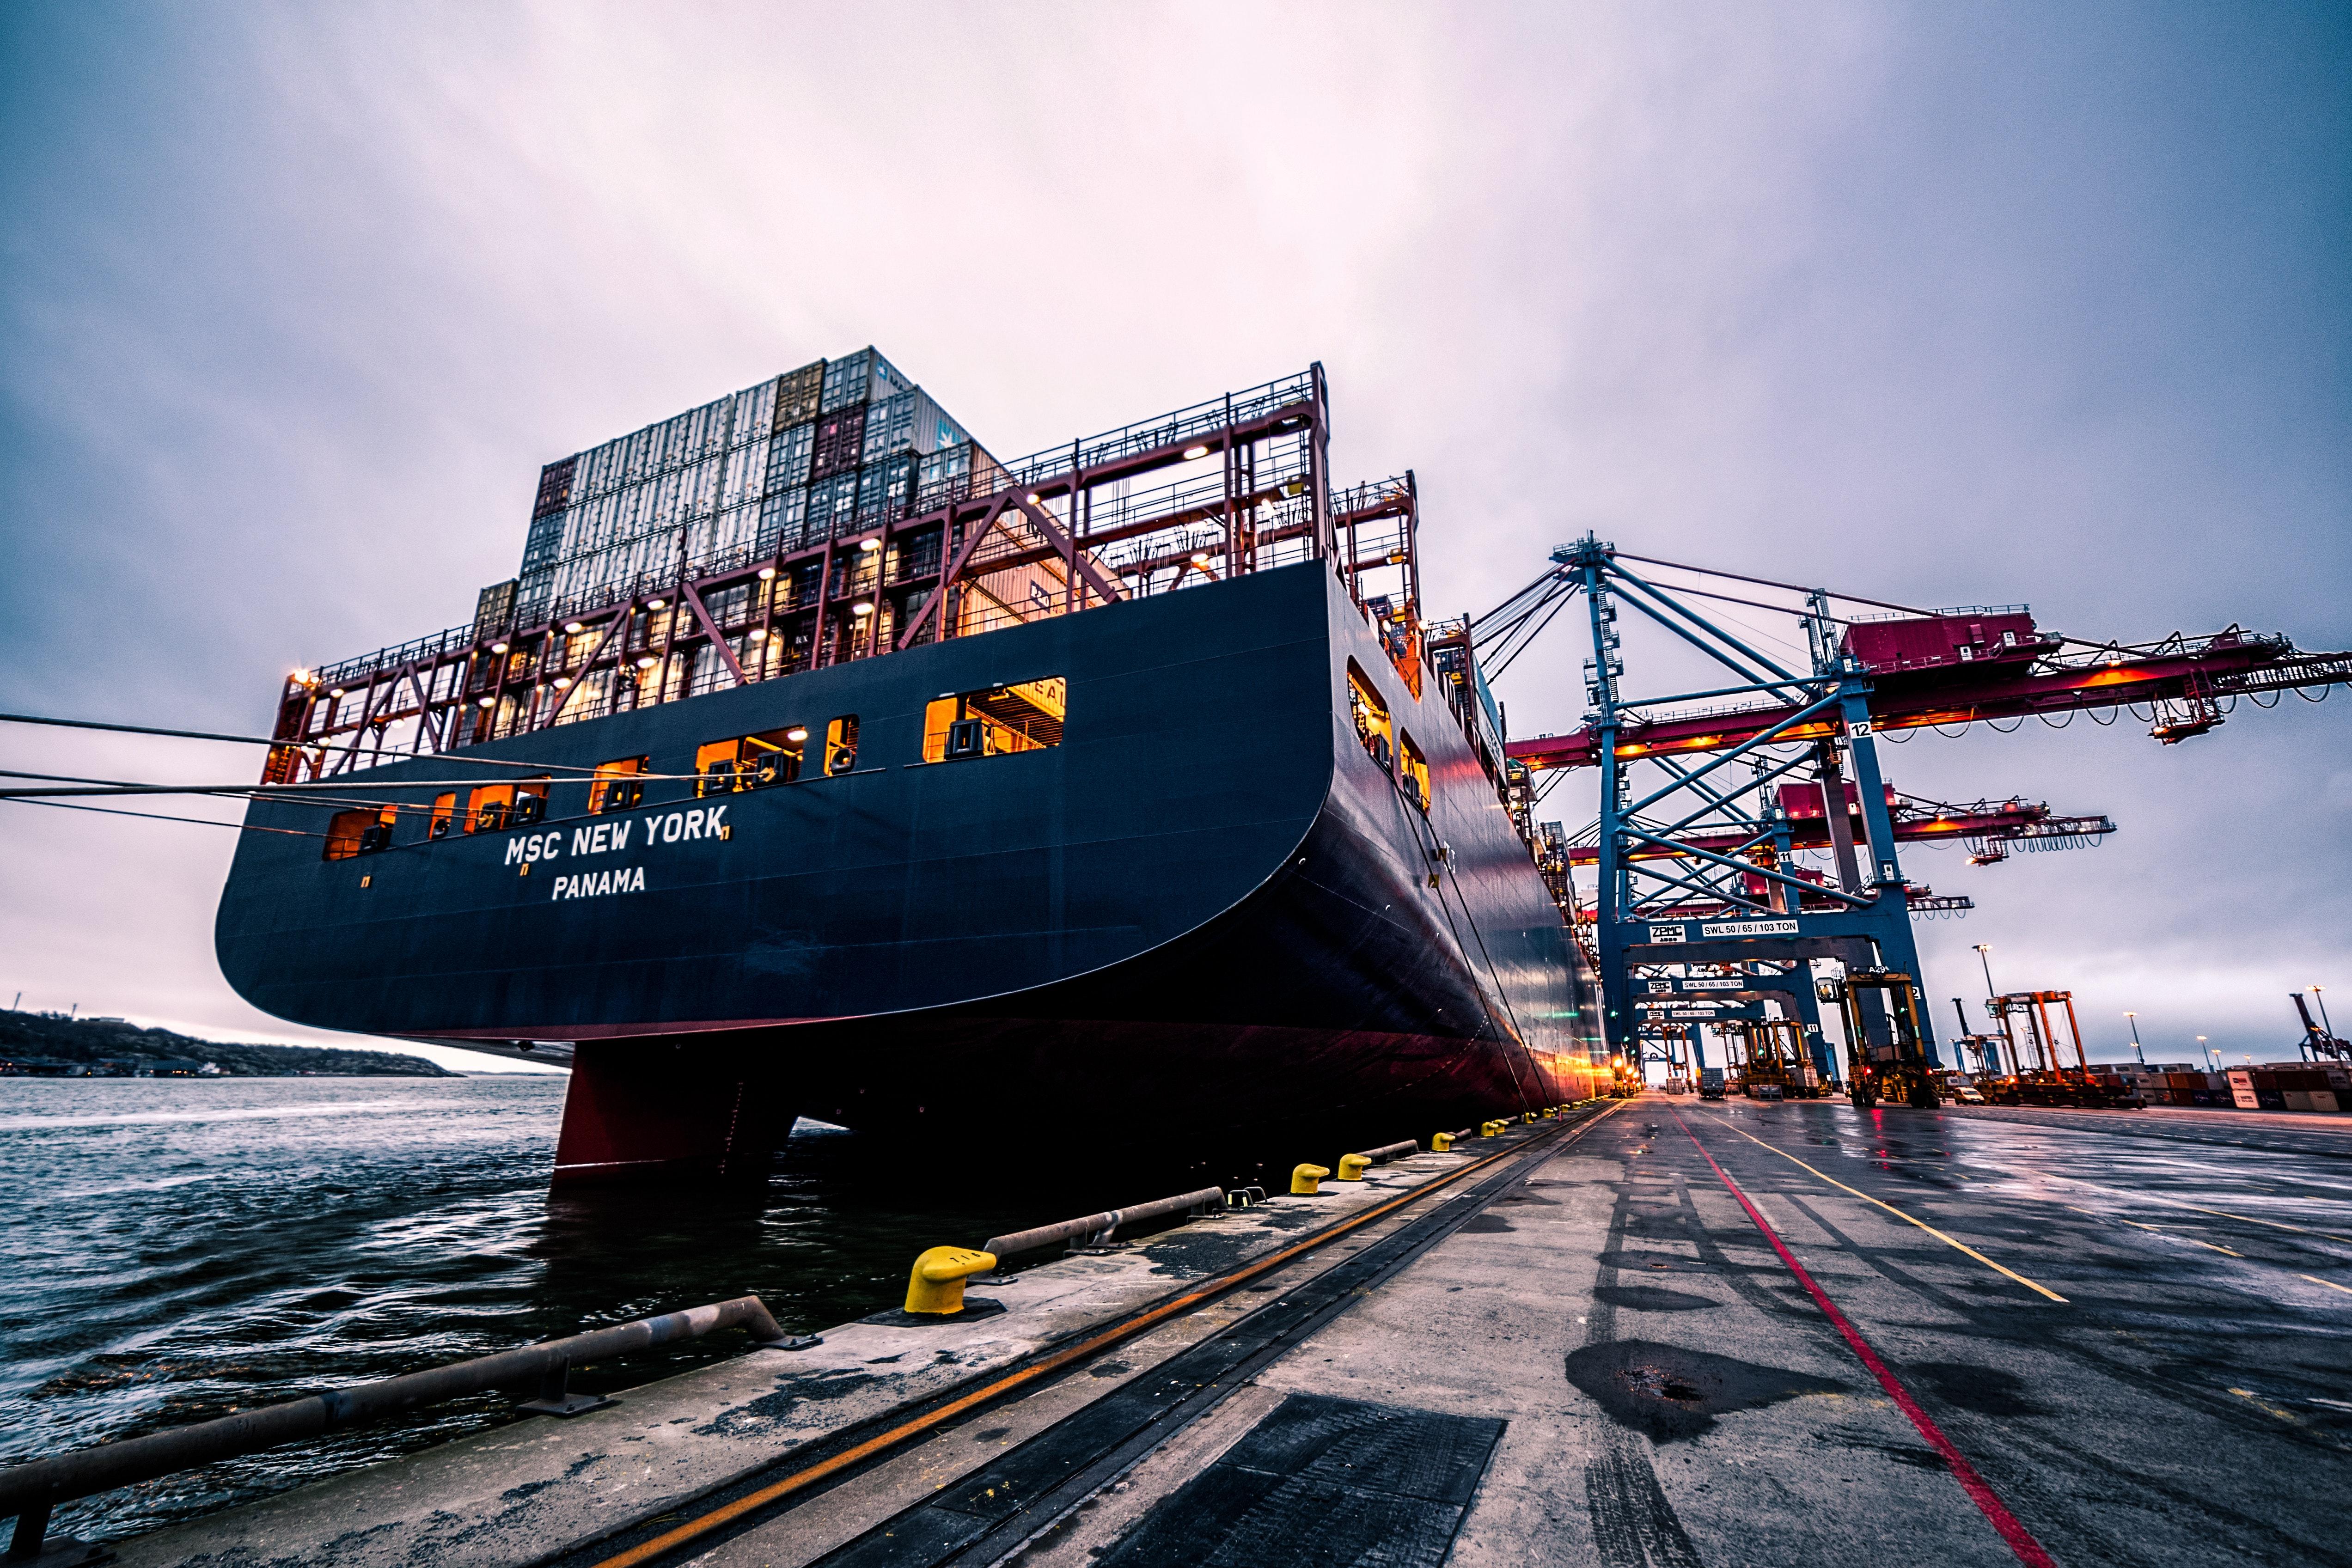 VCI w transporcie morskim, czyli rzeczy, na które trzeba zwrócić uwagę